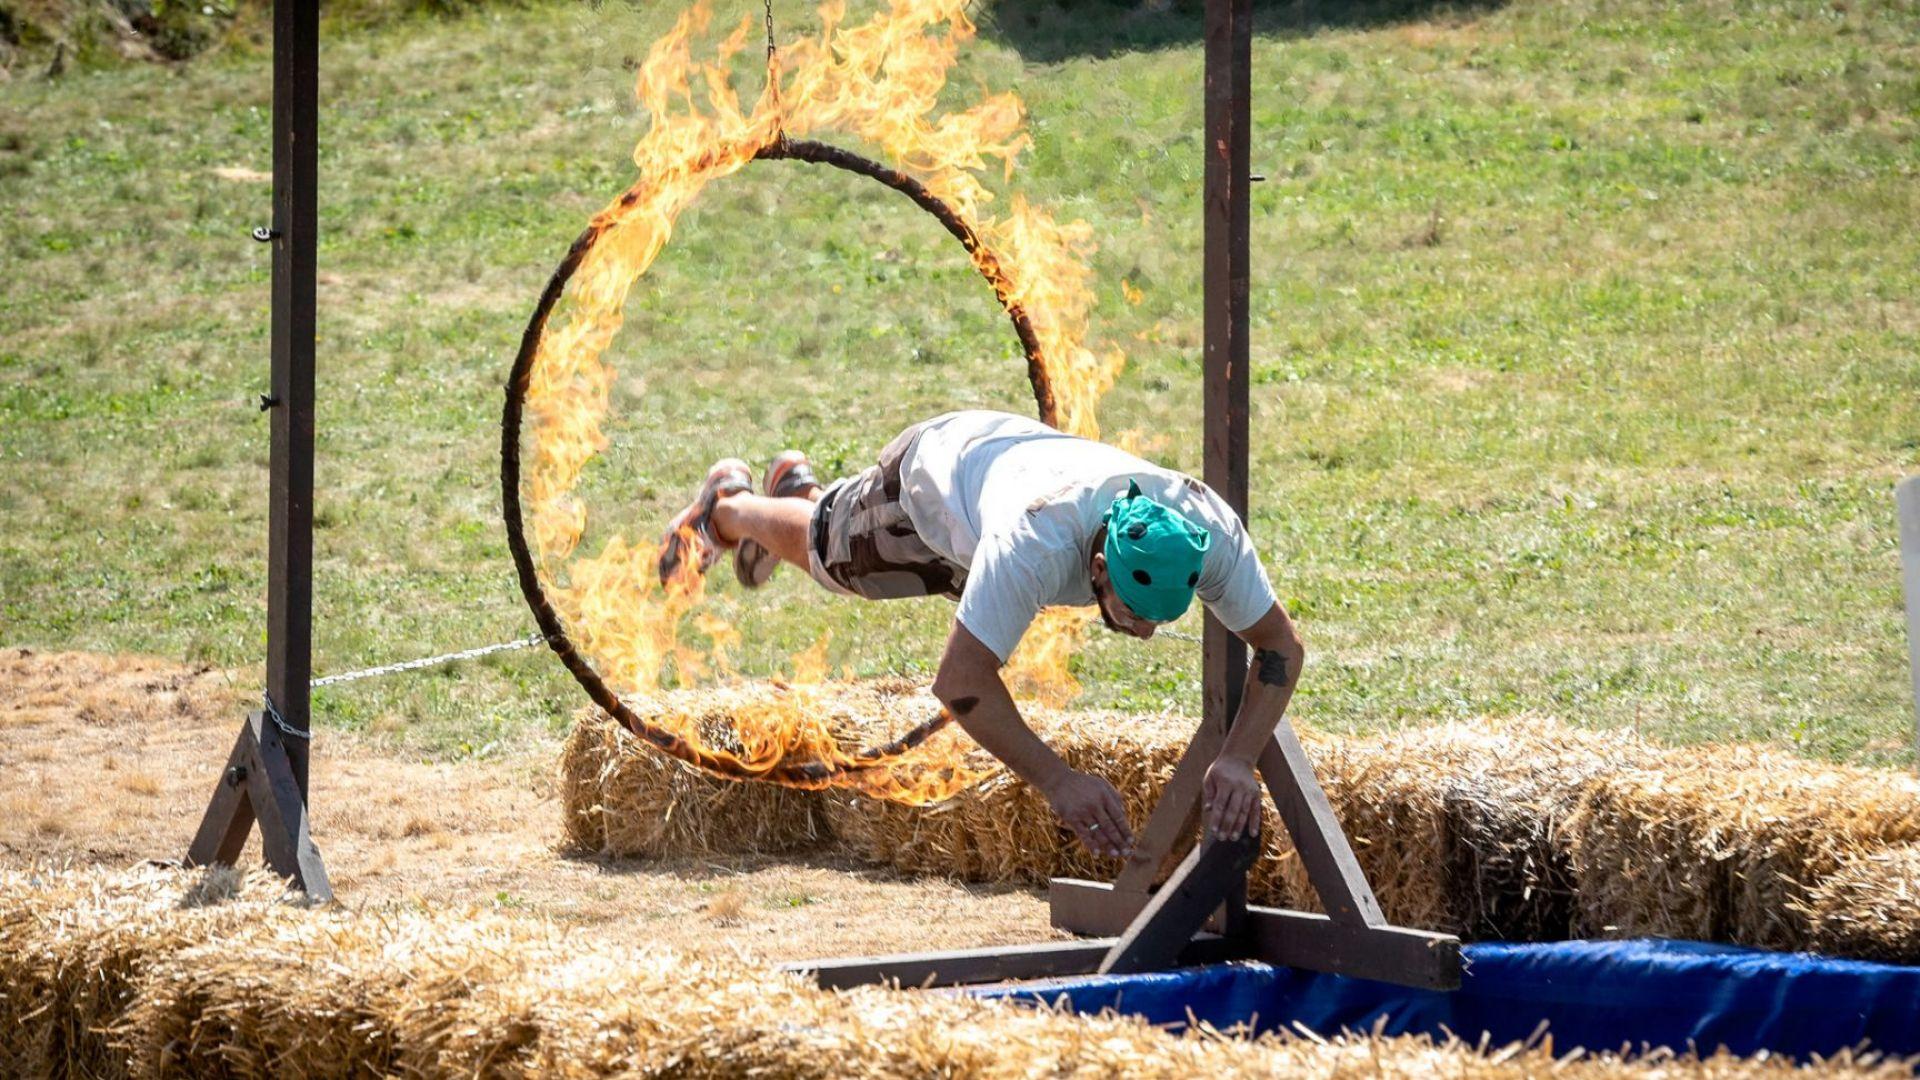 """Зрелище във """"Фермата""""! Мъже скачат през огнени обръчи"""